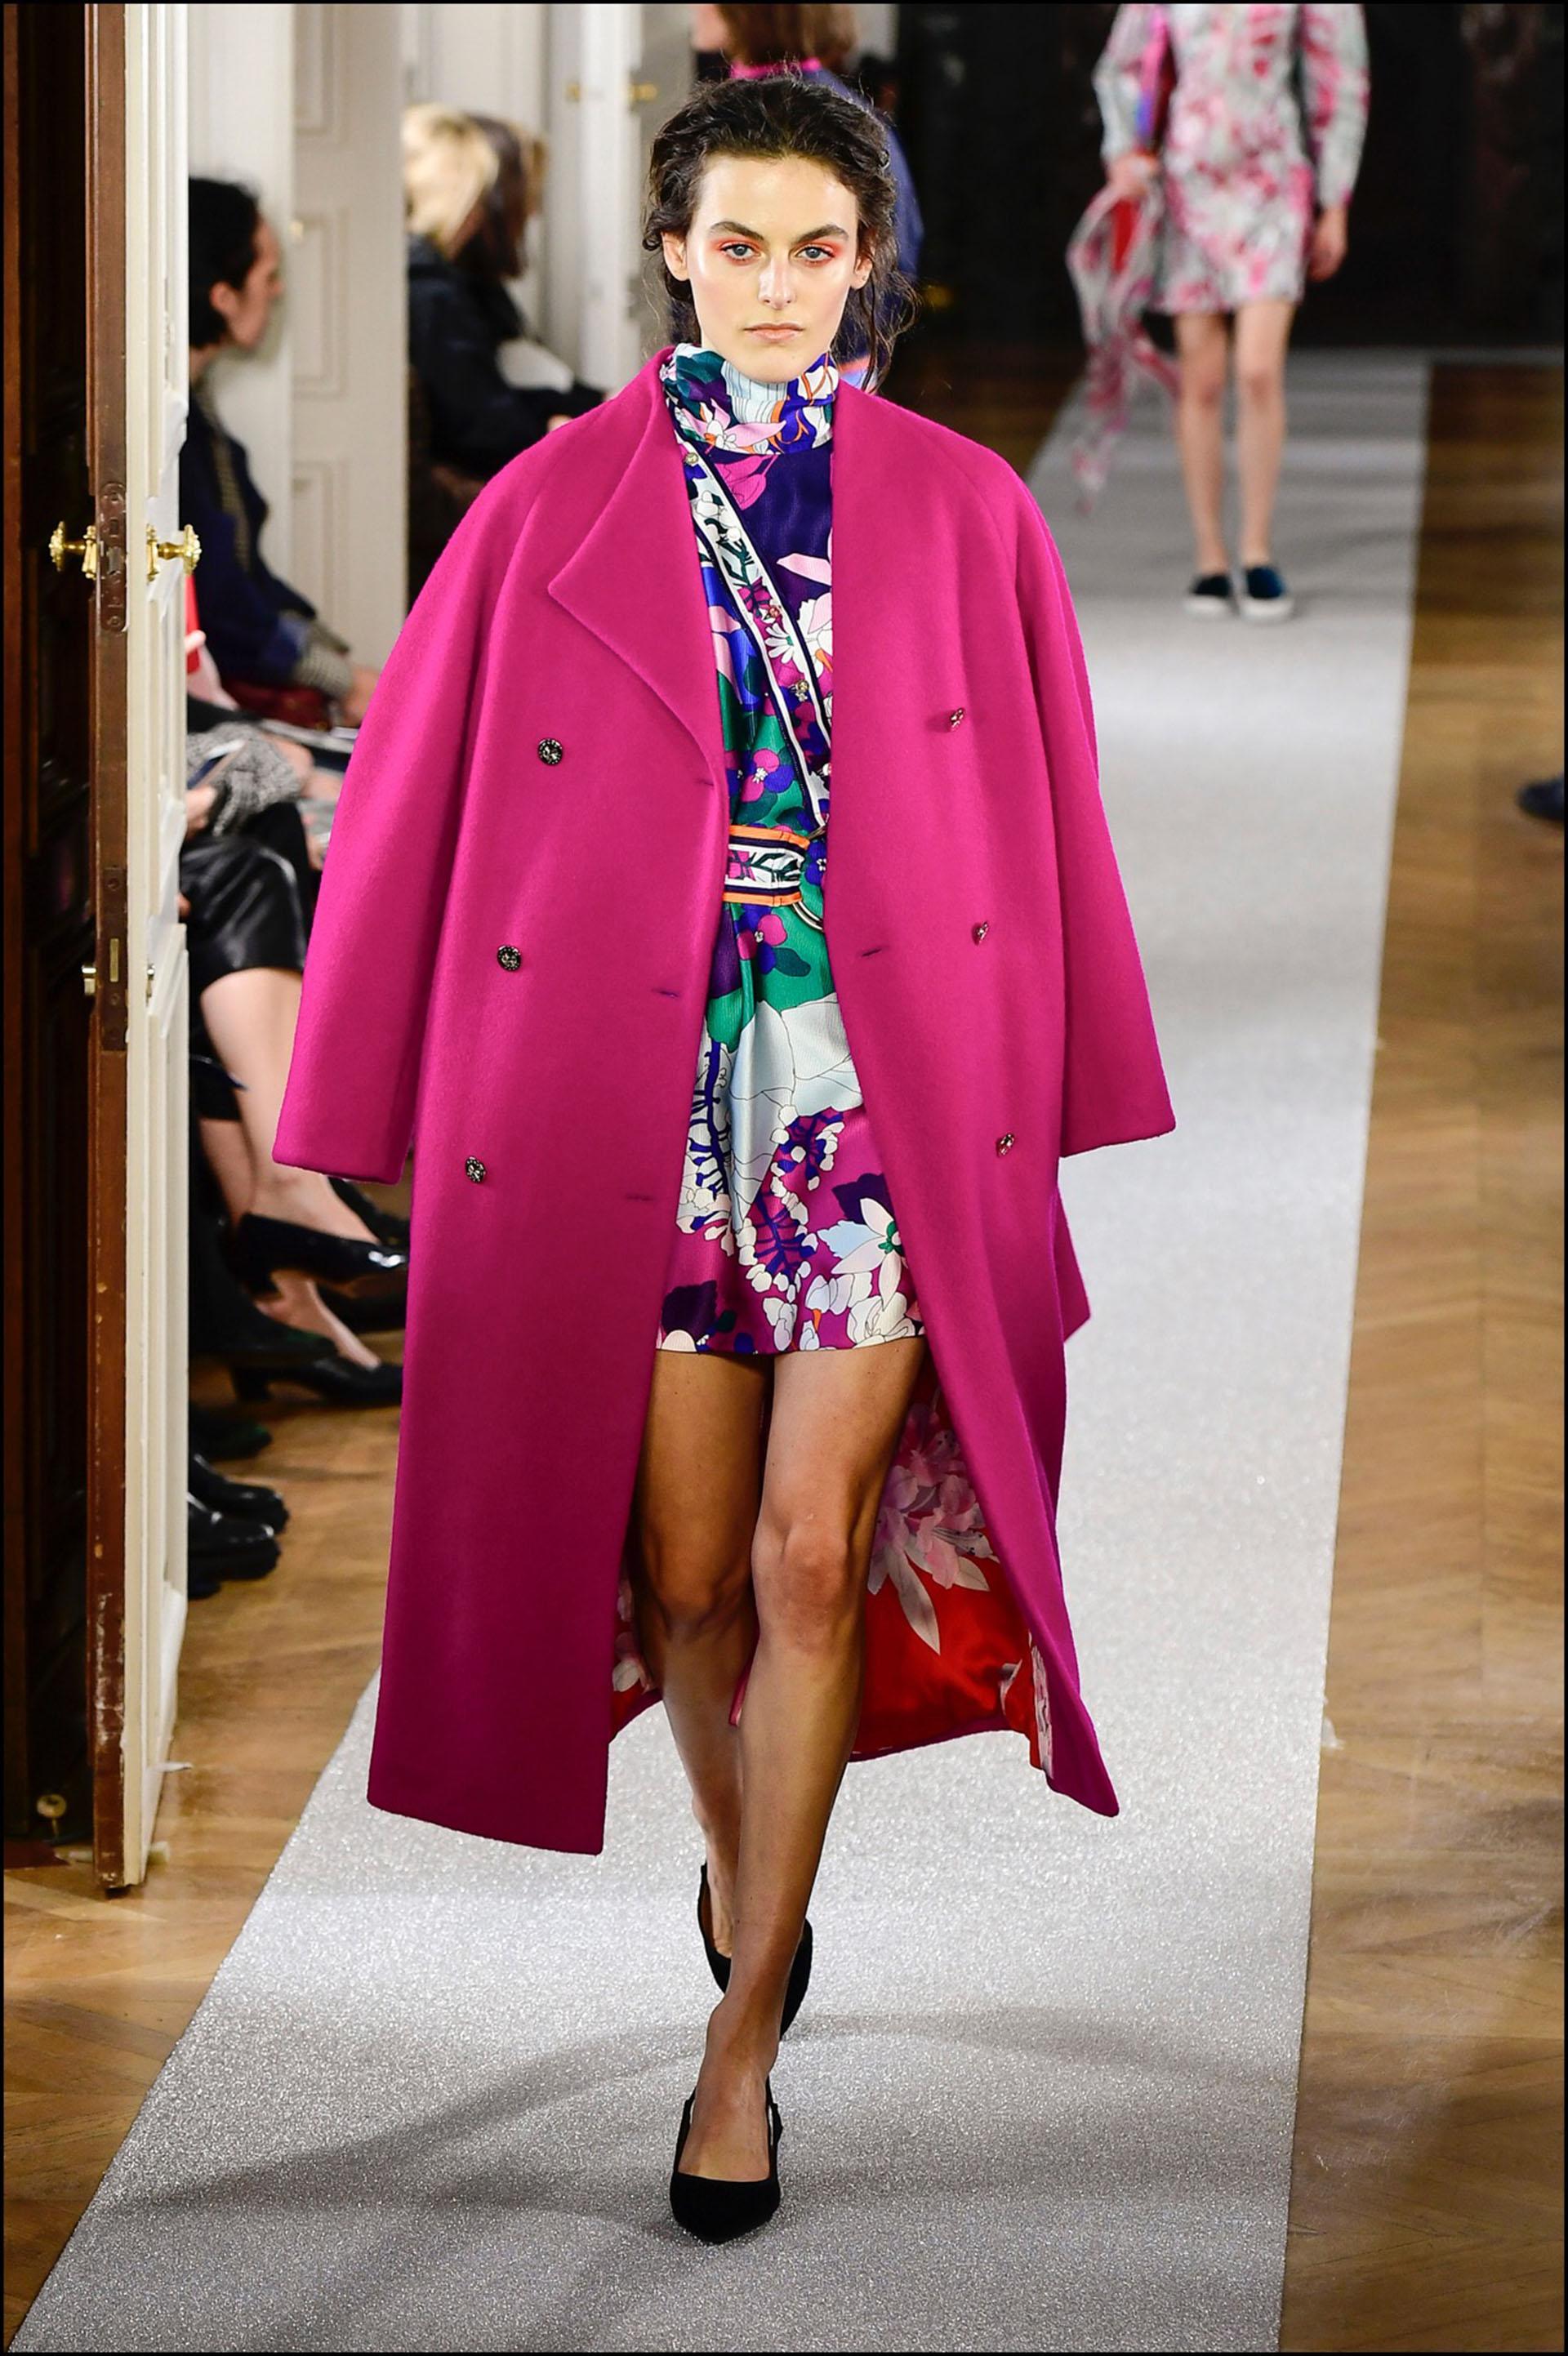 Mannequin - DÈfilÈ de mode Leonard collection prÍt-‡-porter Automne-Hiver 2019/2020 lors de la fashion week ‡ Paris, le 1er mars 2019. Leonard fashion show ready-to-wear Fall-Winter 2019/2020 during the fashion week in Paris, France, on March 1st 2019.